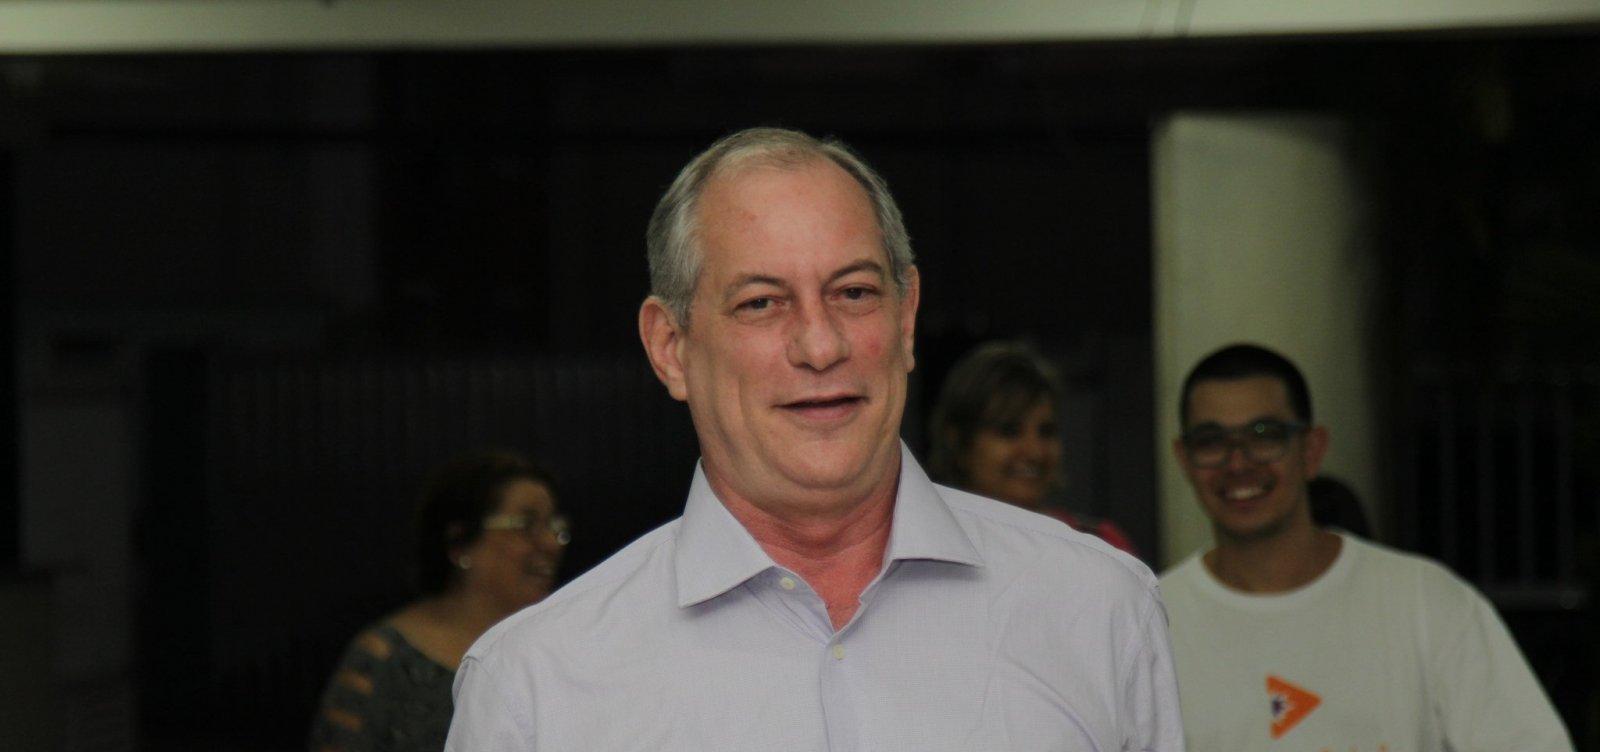 Ciro Gomes vota e afirma não querer fazer campanha para o PT 'nunca mais'